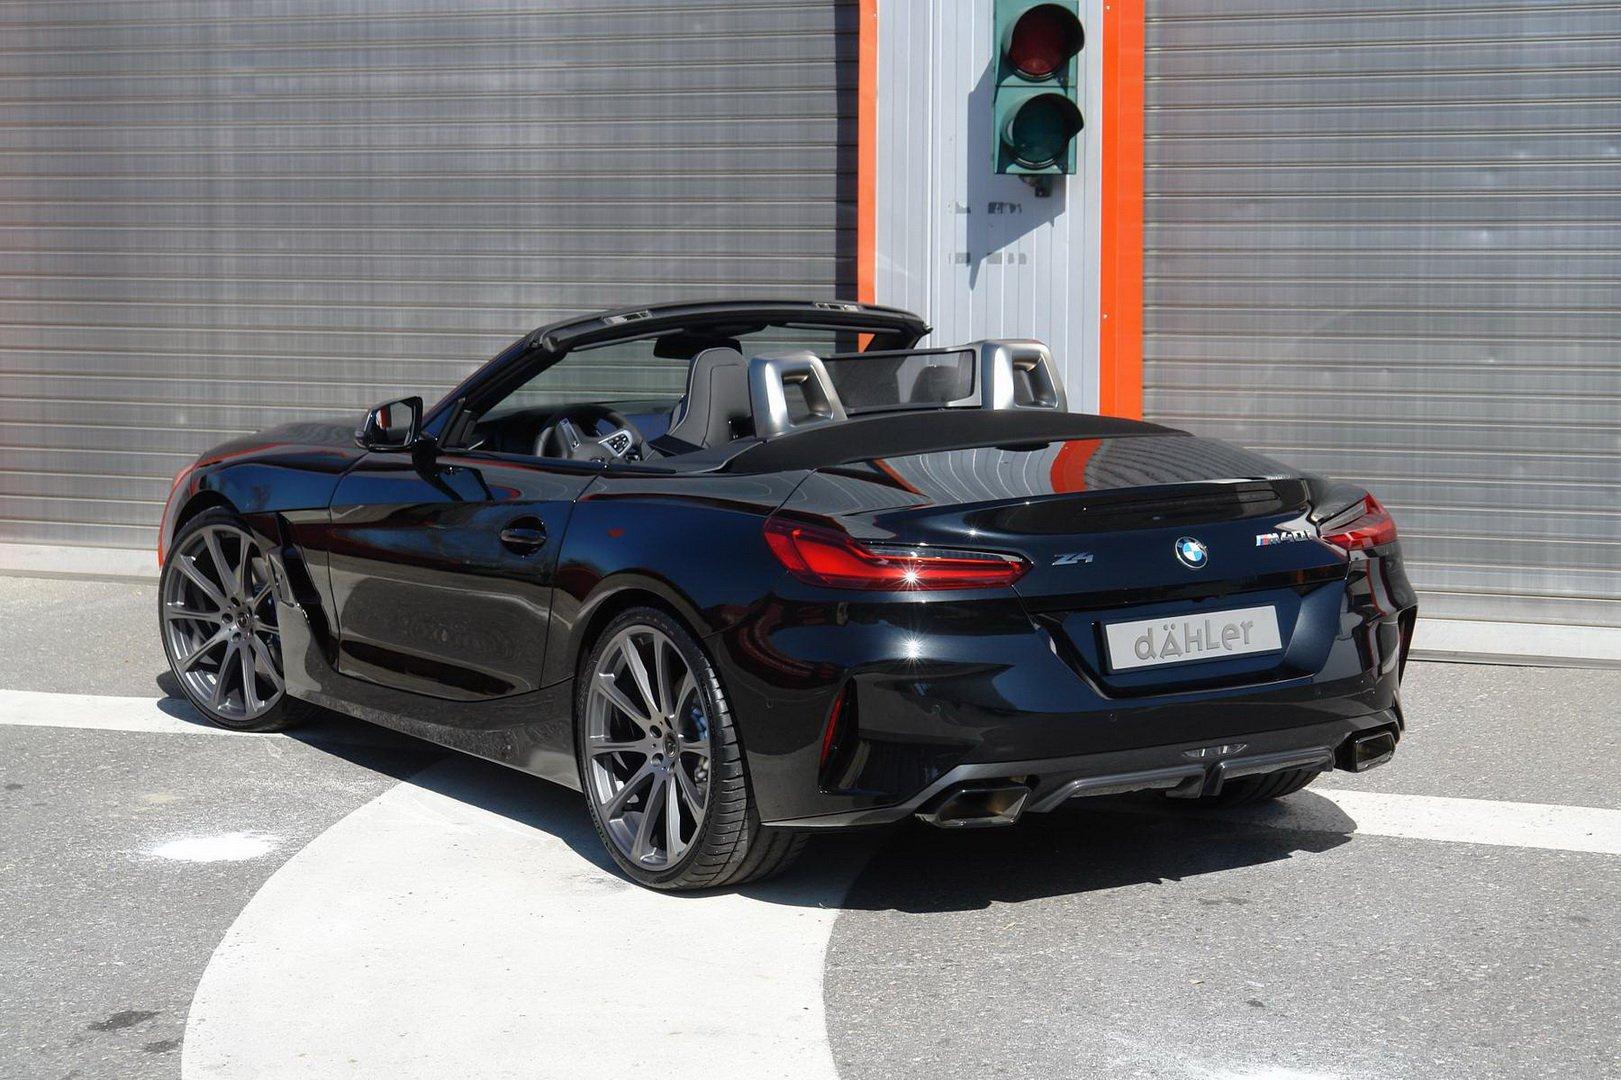 BMW-Z4-by-Dahler-6